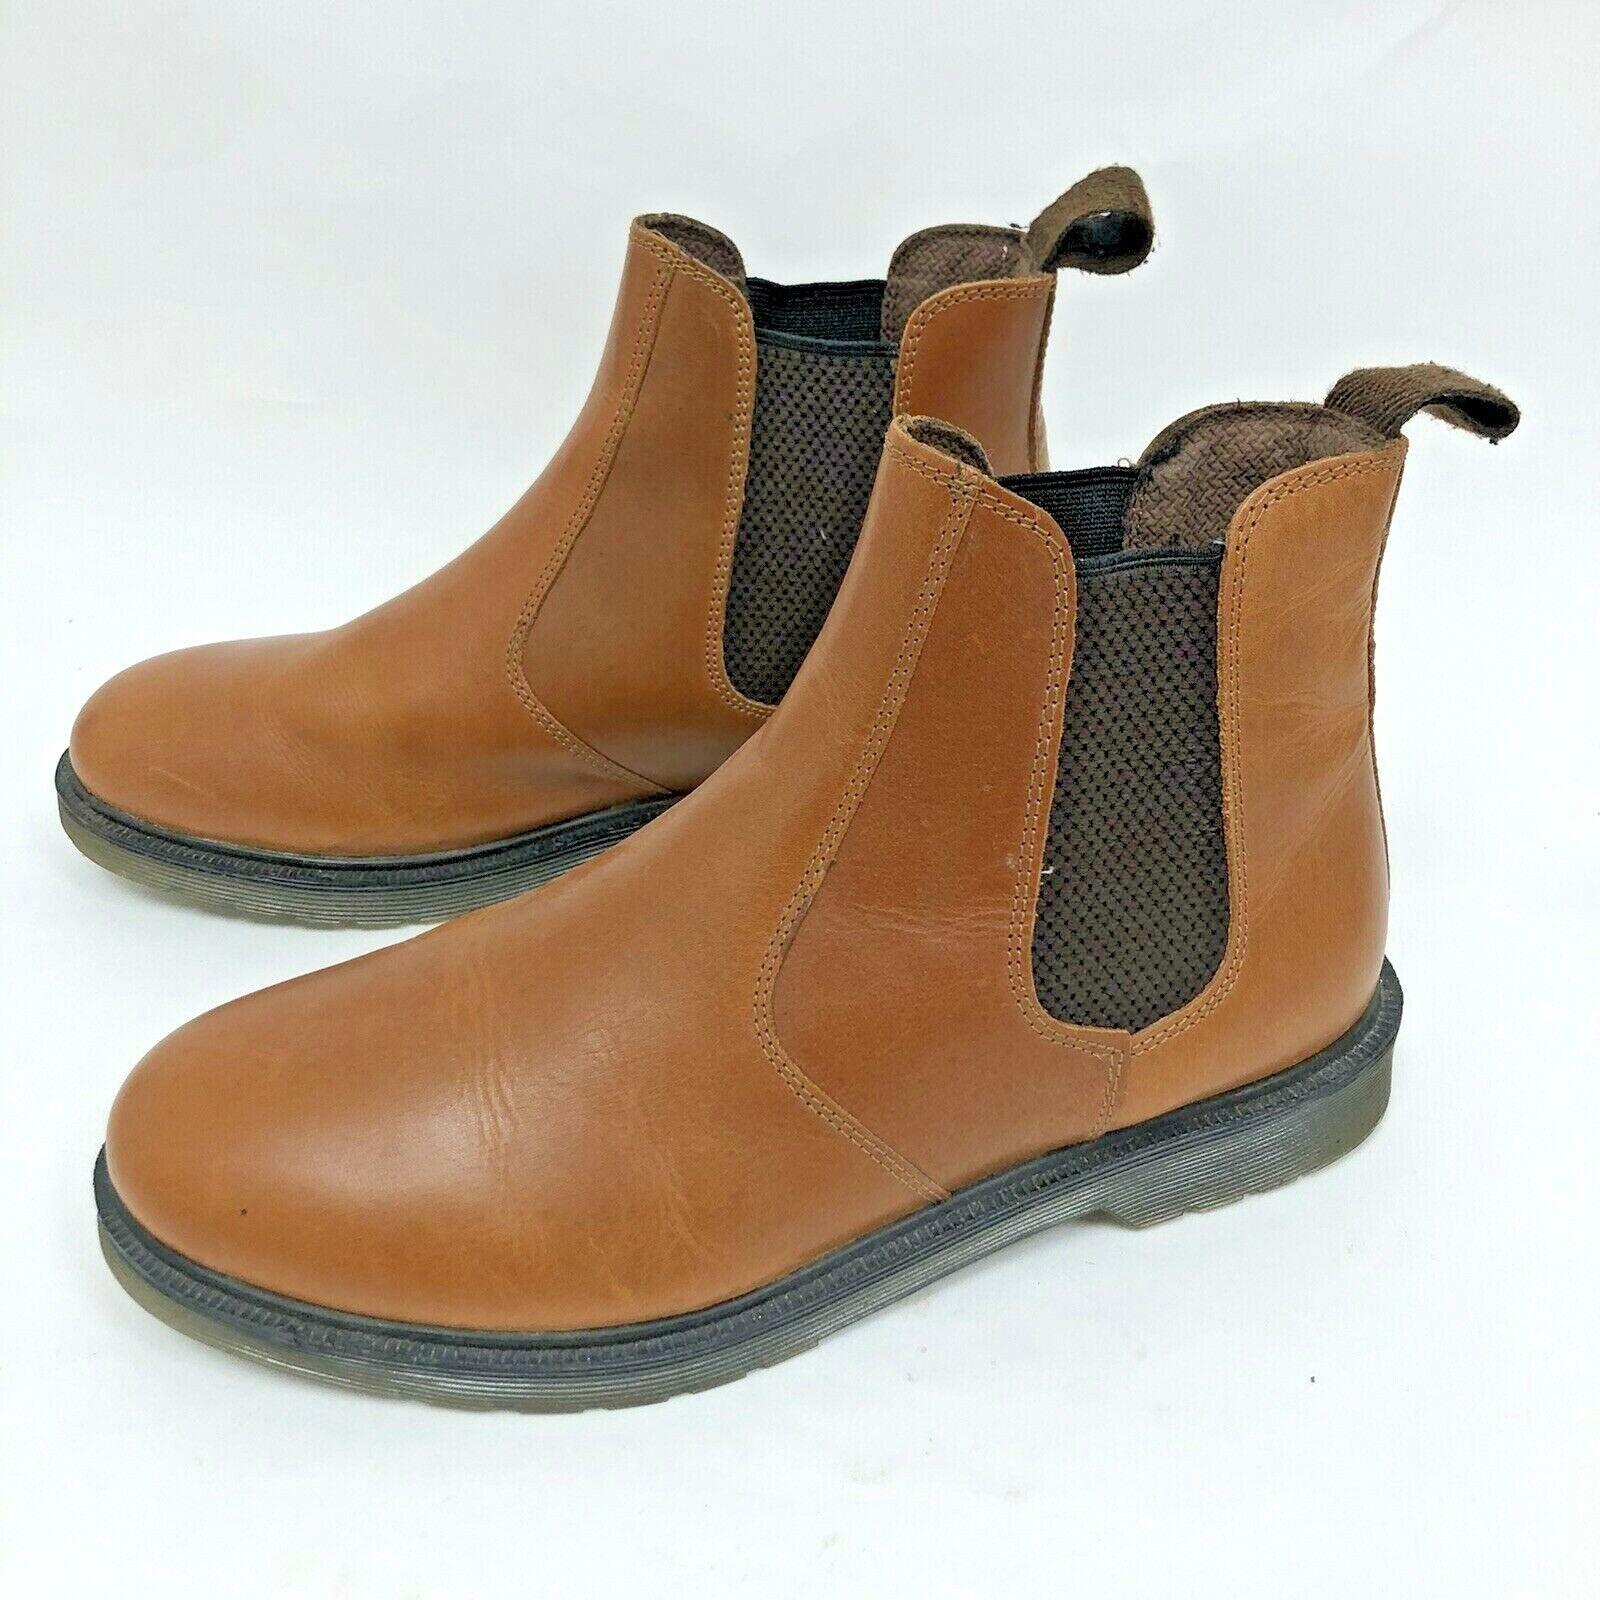 Men's Size 10 Oak Trak Butterscotch Leather Slip On Chelsea Boots - 'Winterhill'